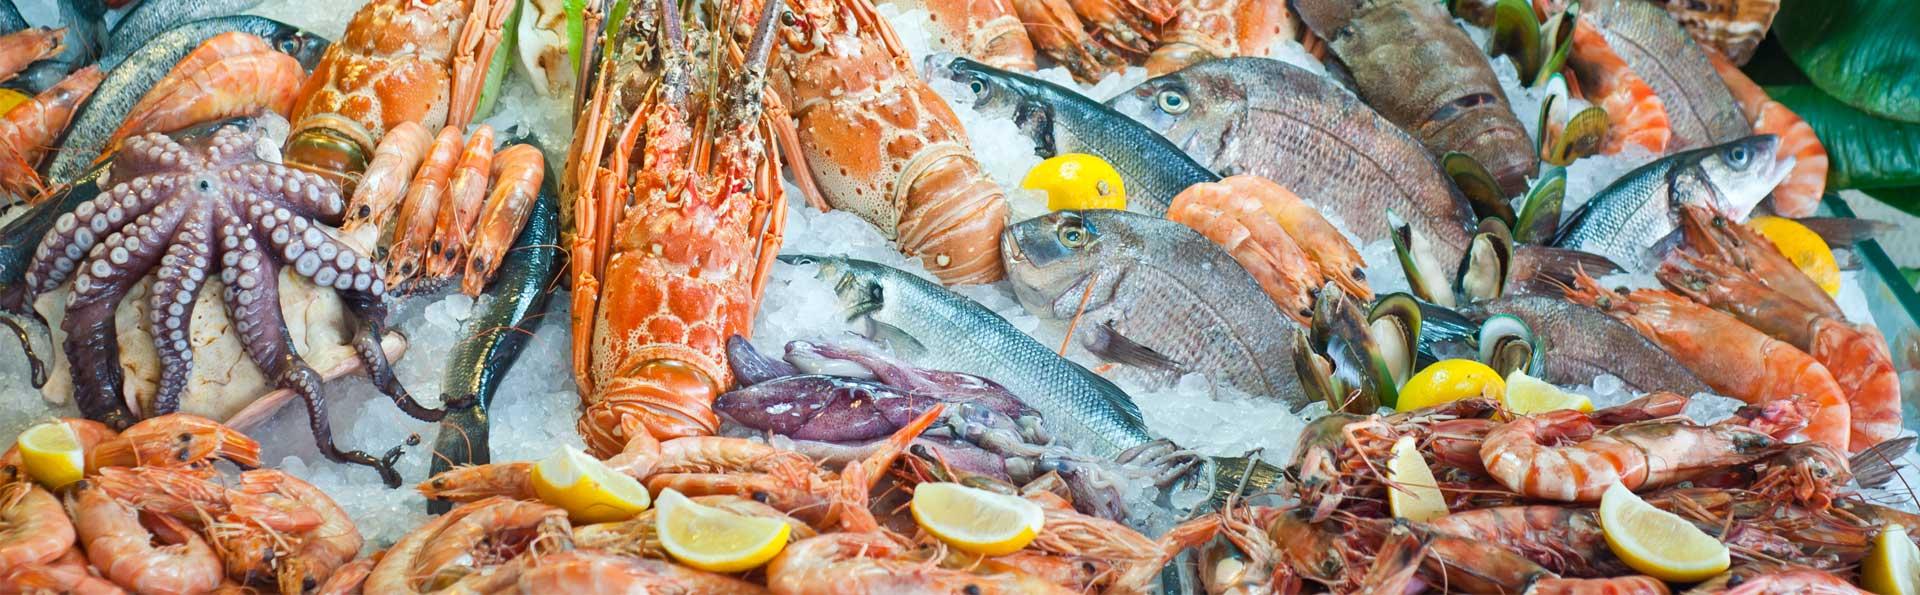 Морские рыбы рыба-меч рыба-молот ставрида 1 сельдь